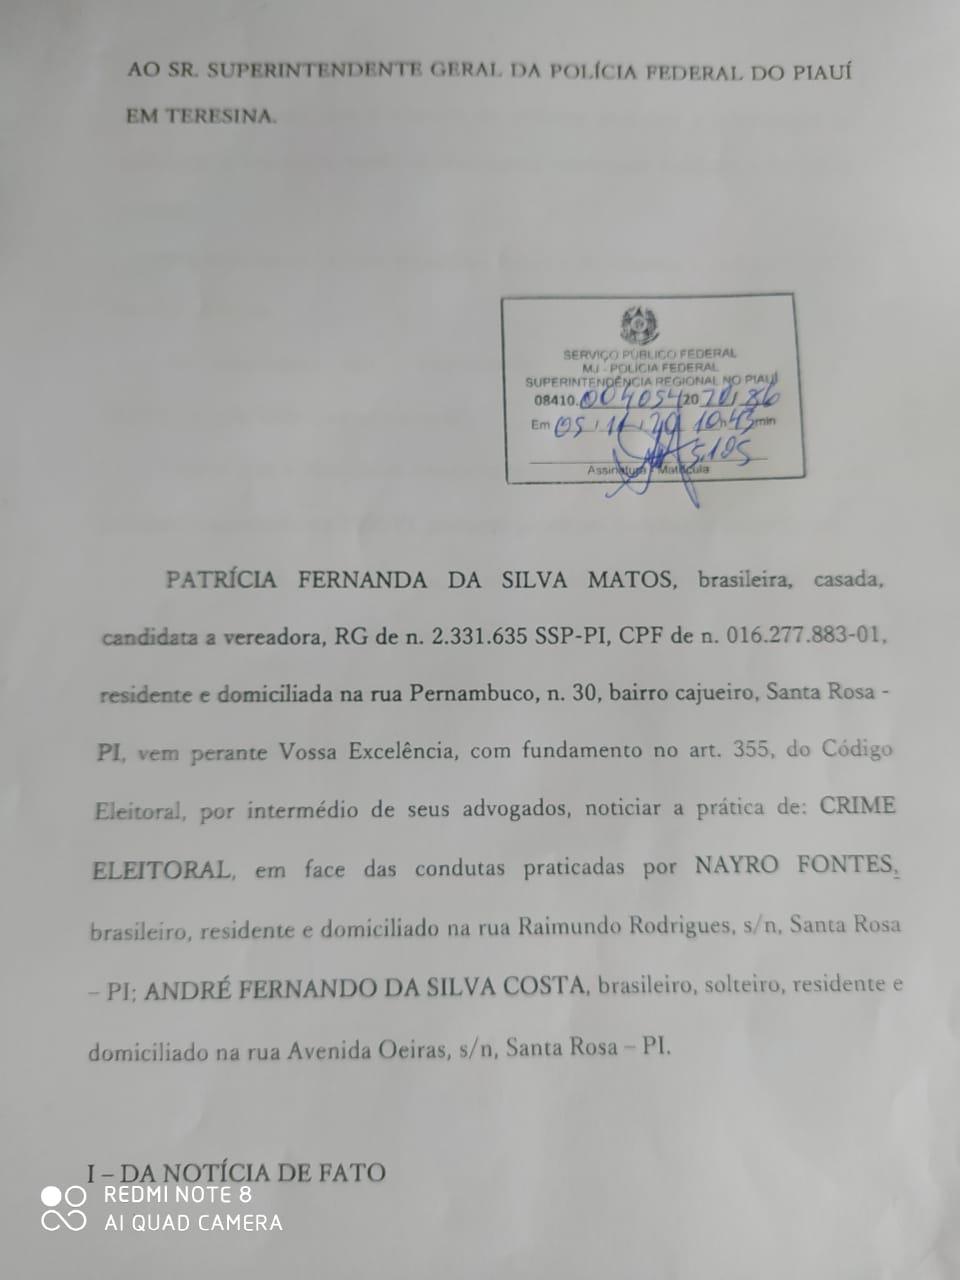 Secretário Municipal de Santa Rosa do Piauí é denunciado na Policia Federal por divulgação de Fake News 2